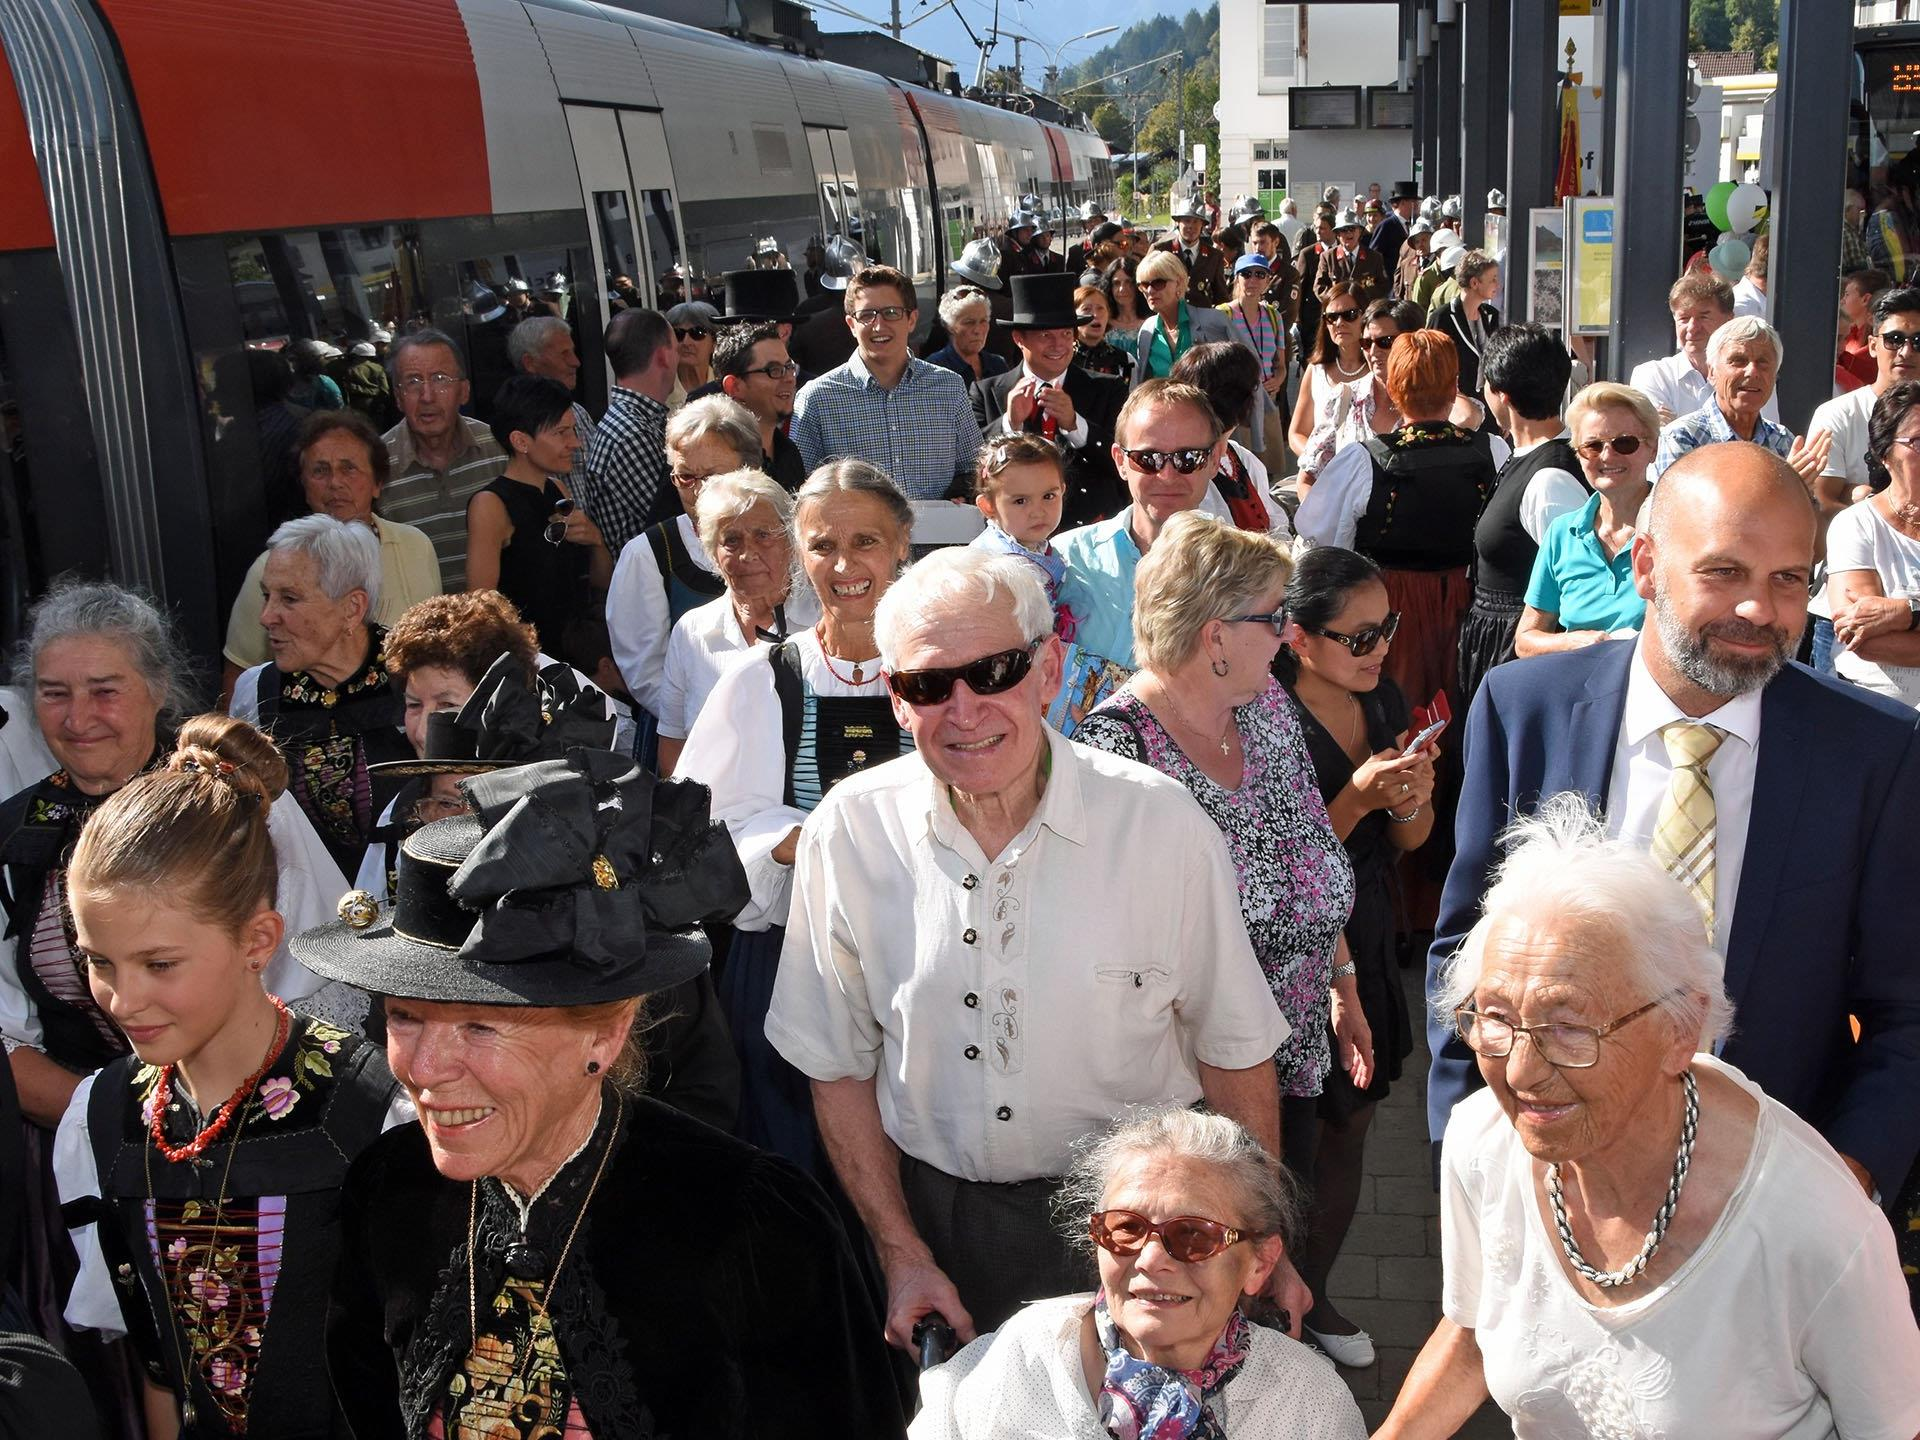 Aus Schruns und anderen Gemeinden des Montafons kamen die Gläubigen, um die Geistlichkeit im Hauptort des Tales zu begrüßen.